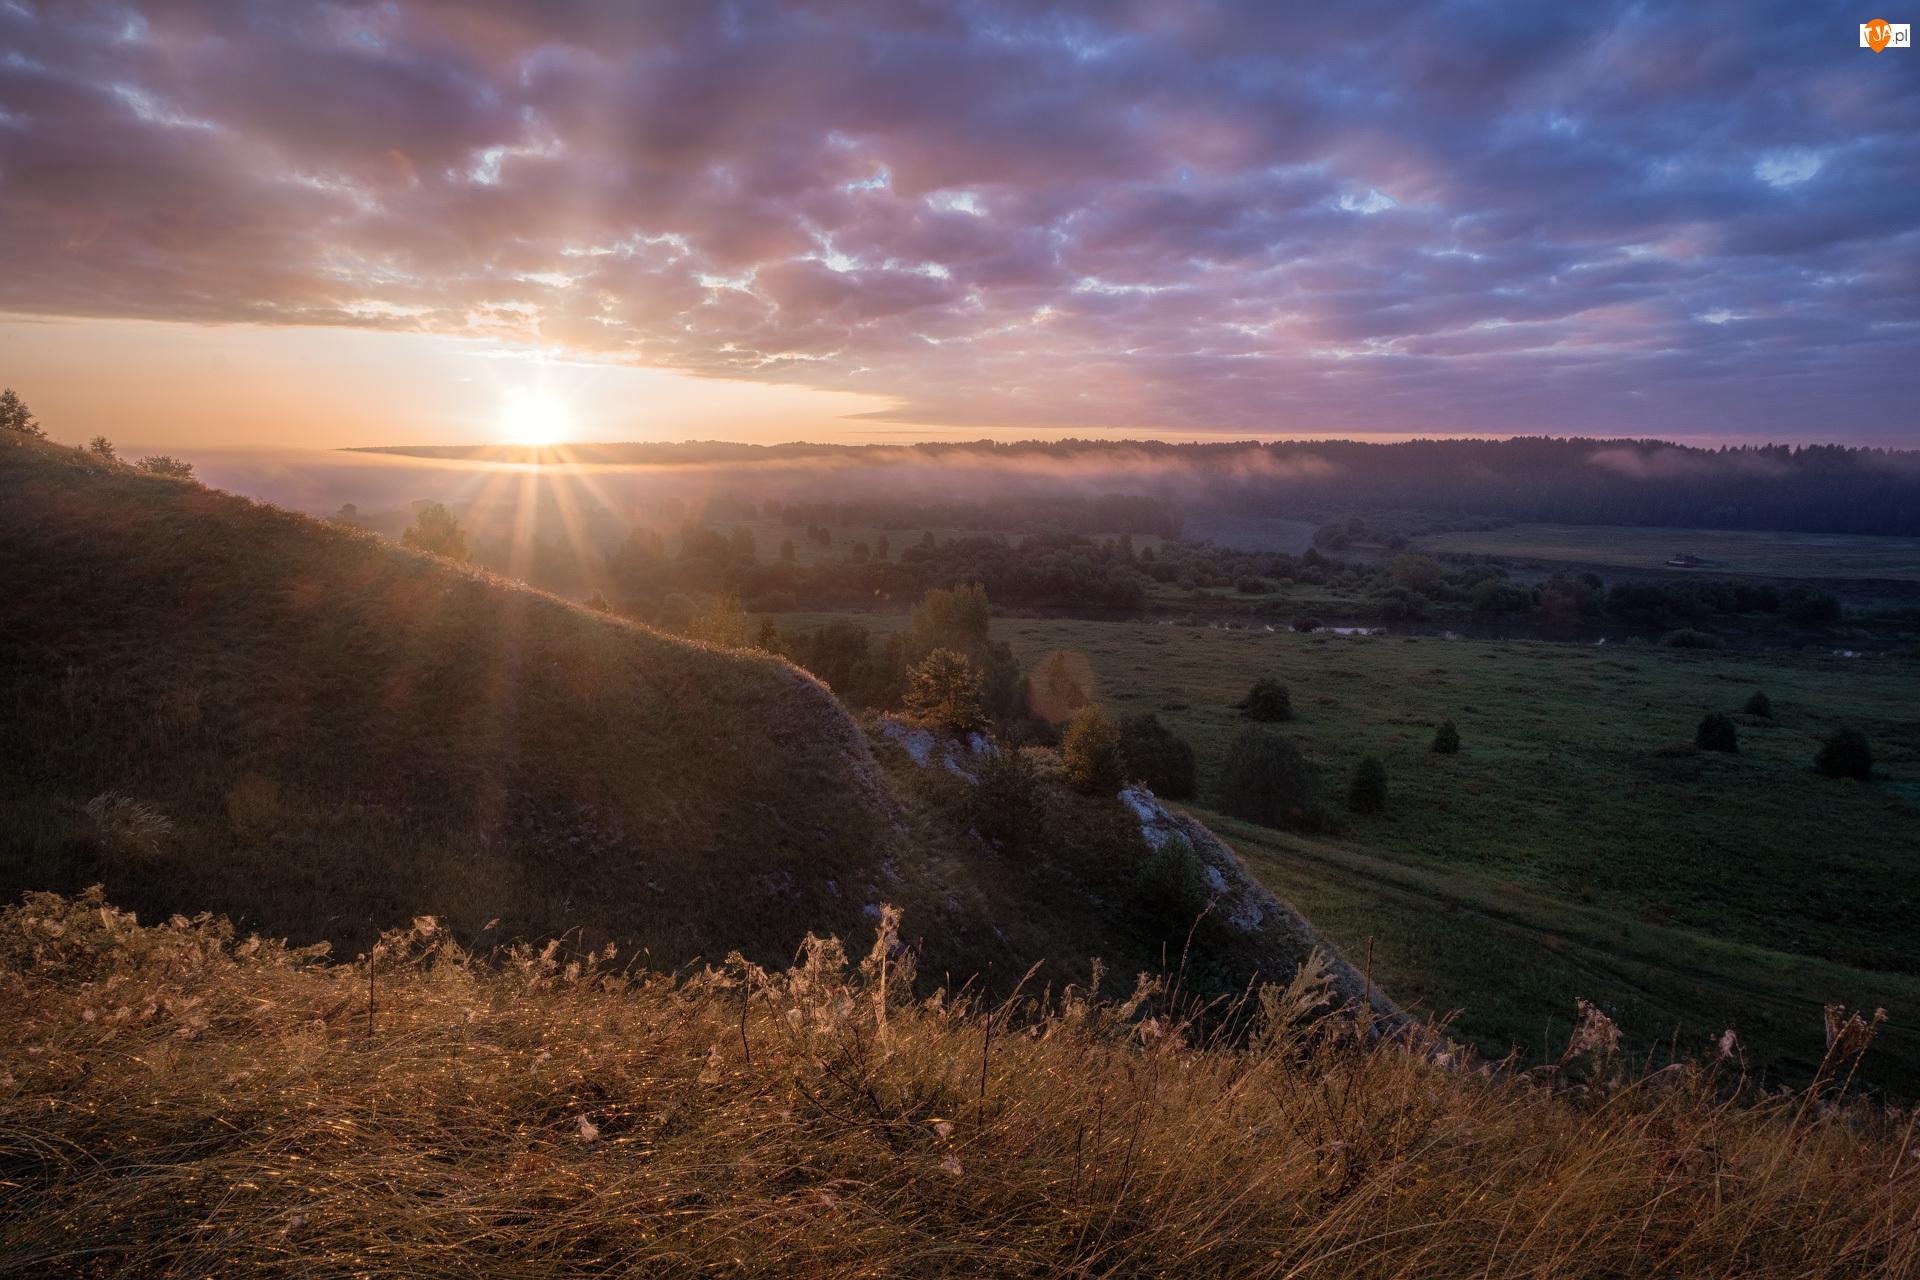 Promienie słońca, Wzgórza, Rosja, Niebo, Kraj Permski, Sylva, Drzewa